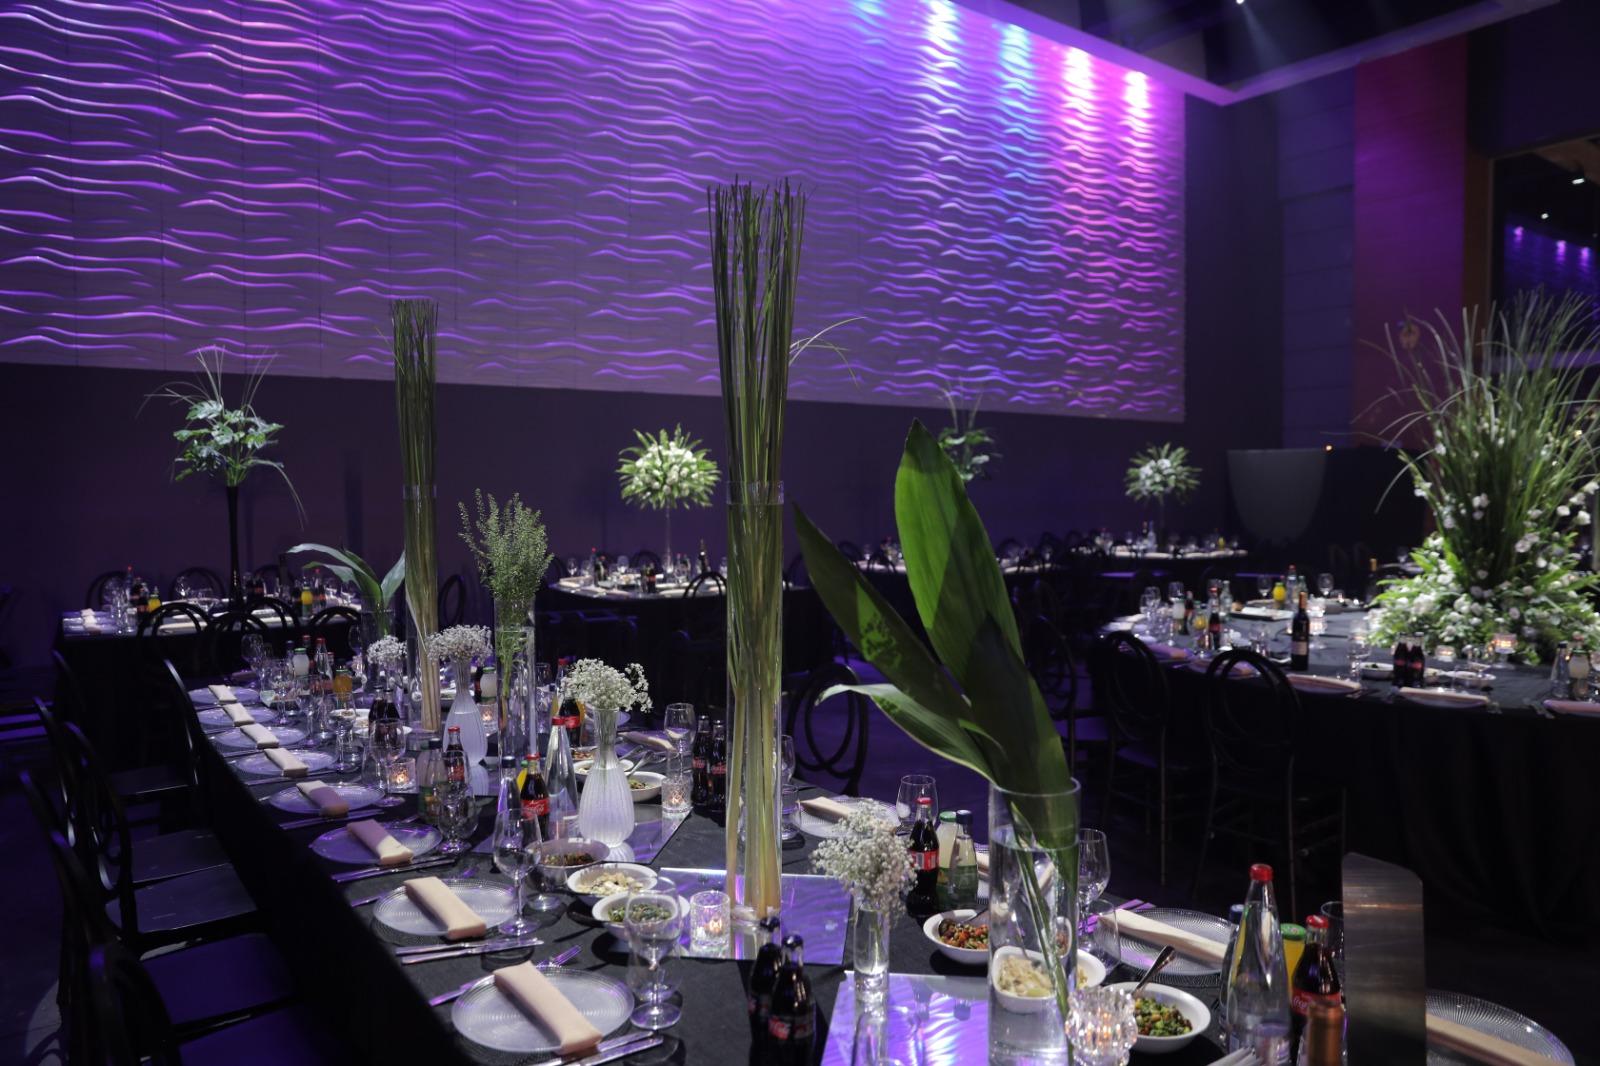 עיצוב מרכז שולחן לחתונה